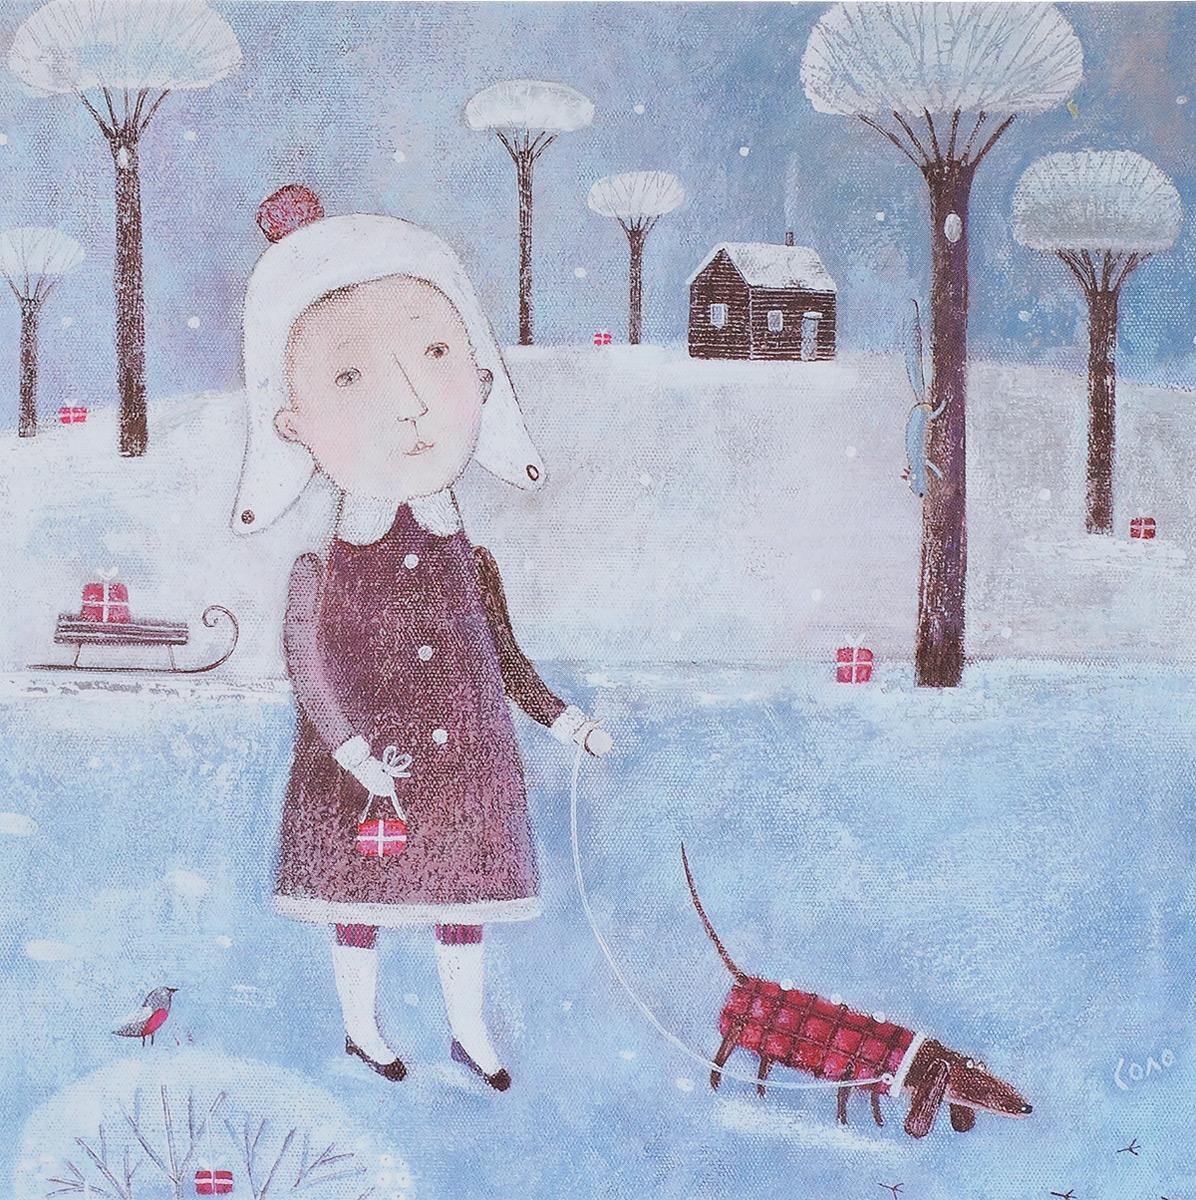 Открытка Рождественские каникулы. Автор Соловьева СветланаSvS10-017Оригинальная дизайнерская открытка «Рождественские каникулы» выполнена из плотного матового картона. На лицевой стороне расположена репродукция картины художницы Светланы Соловьевой с изображением девушки, несущей подарки вместе со своей одетой в клетчатое пальто таксой. Такая открытка станет великолепным дополнением к подарку или оригинальным почтовым посланием, которое, несомненно, удивит получателя своим дизайном и подарит приятные воспоминания.